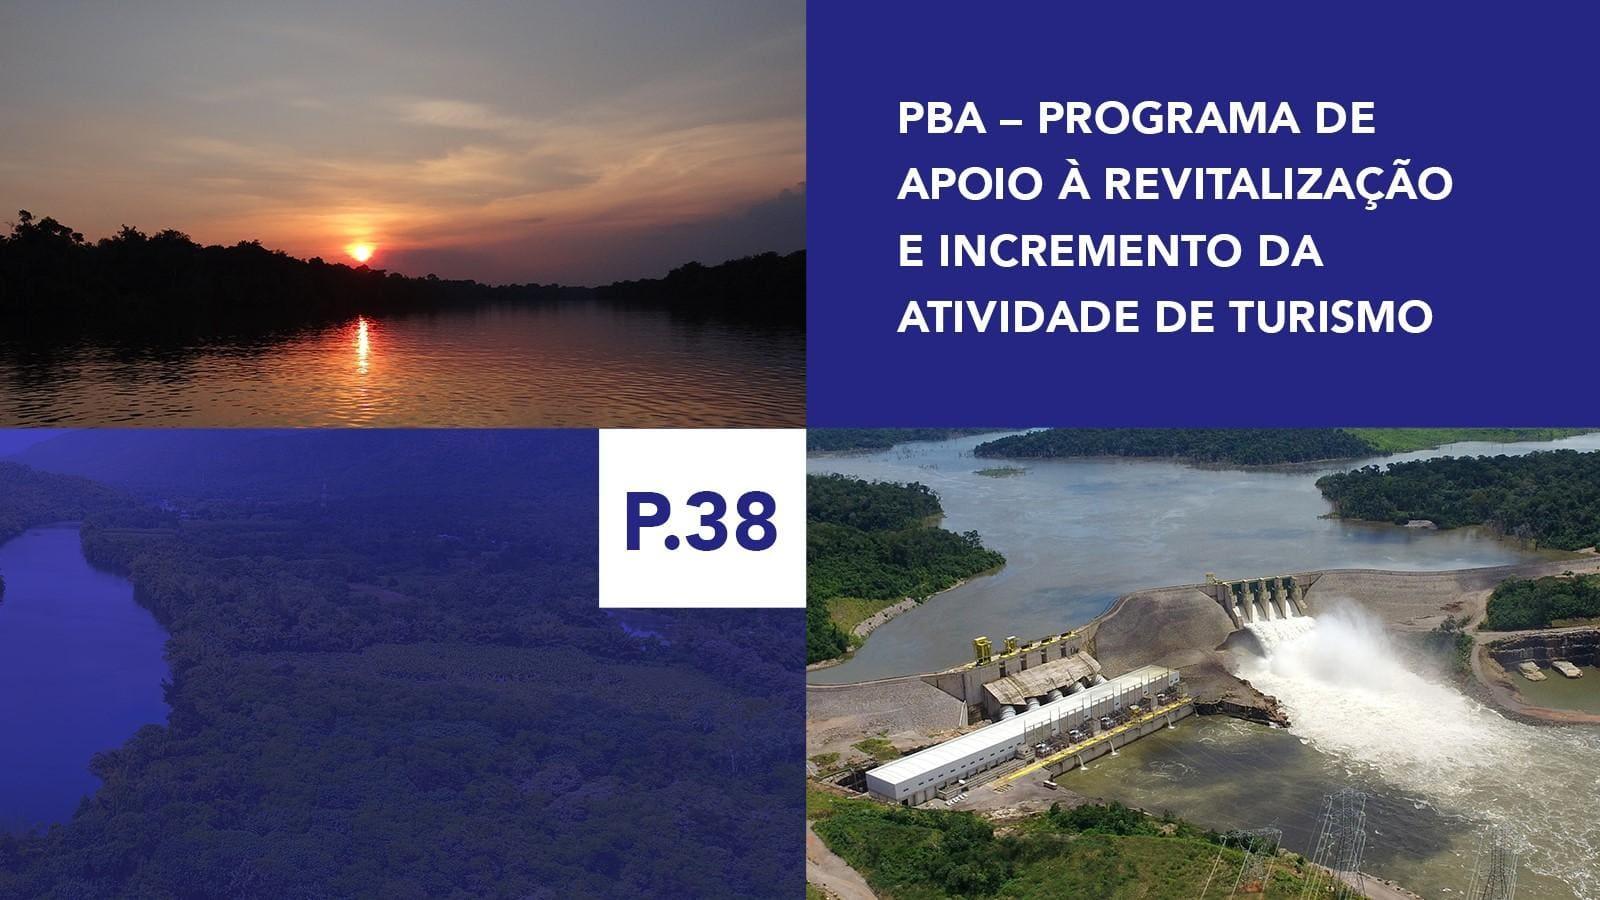 P.38 - Programa de Apoio à Revitalização e Incremento da Atividade de Turismo